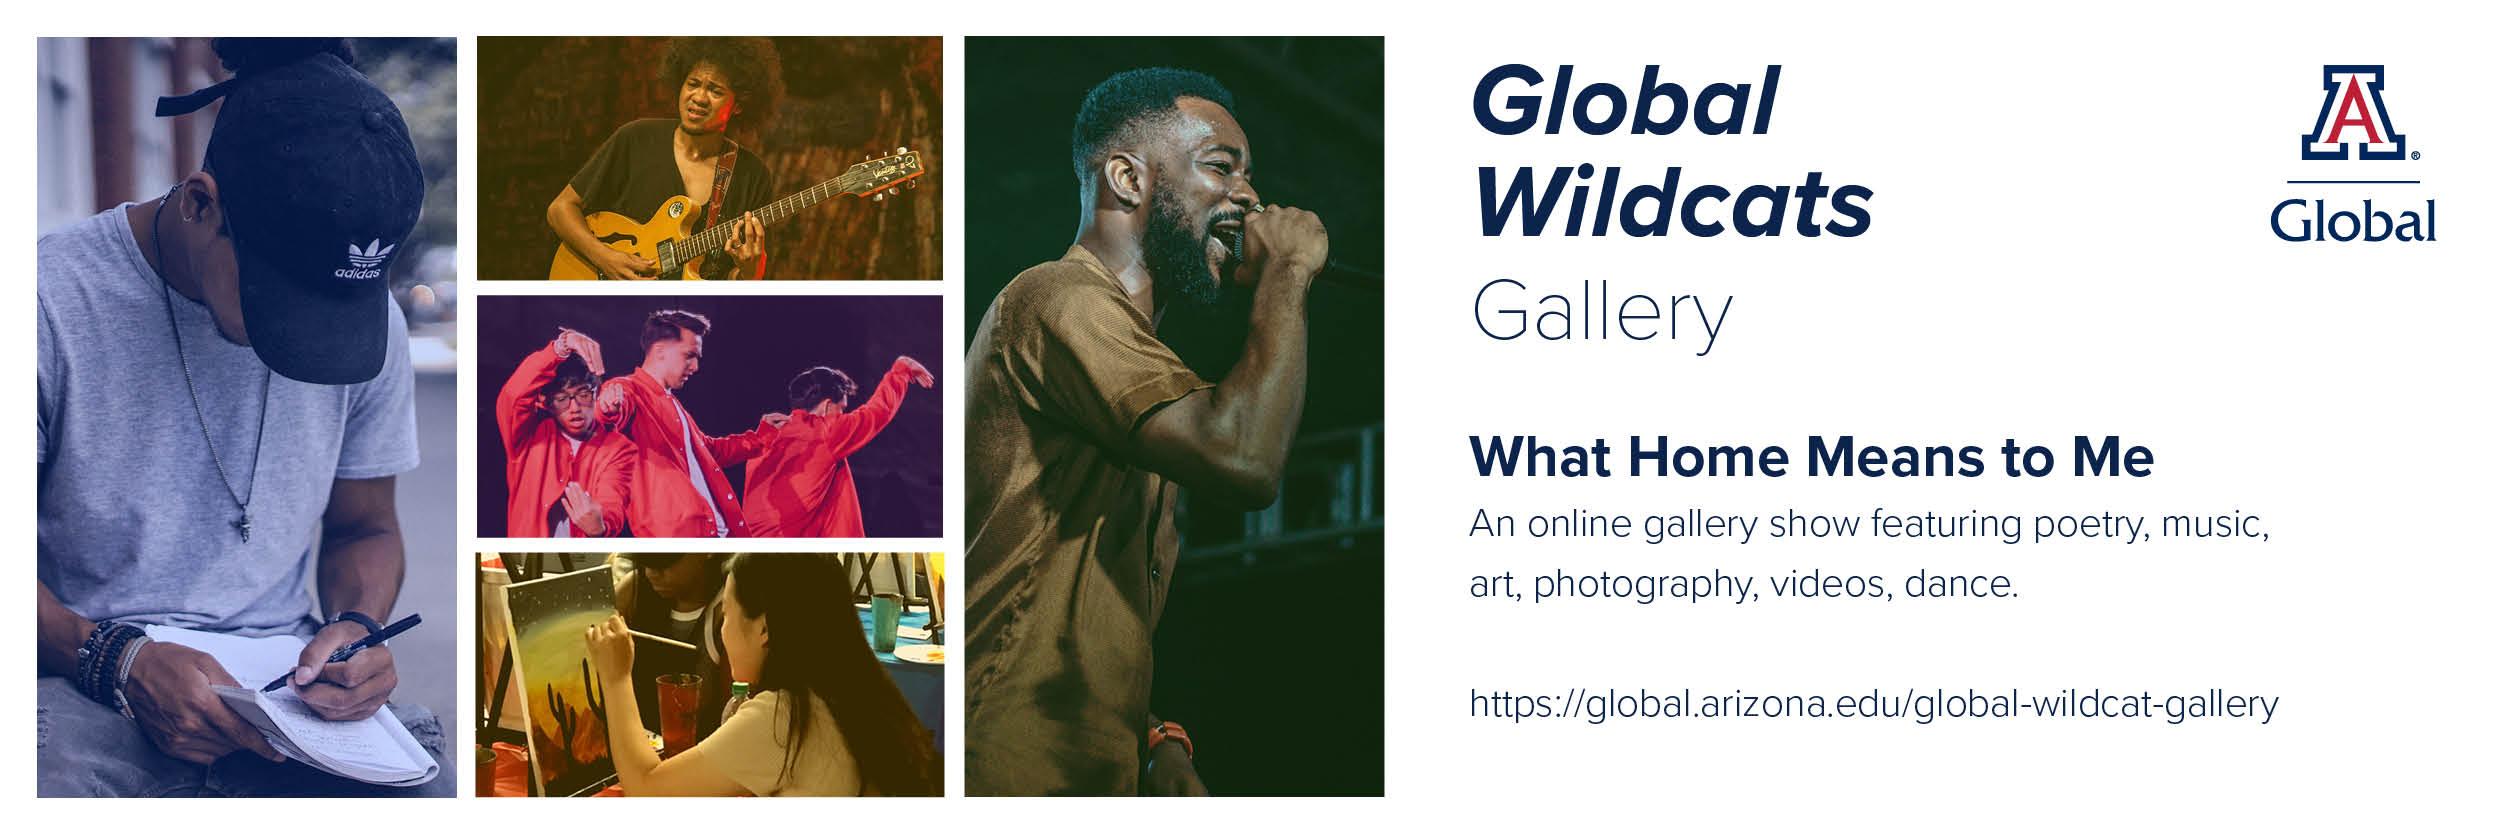 Global Wildcat Gallery